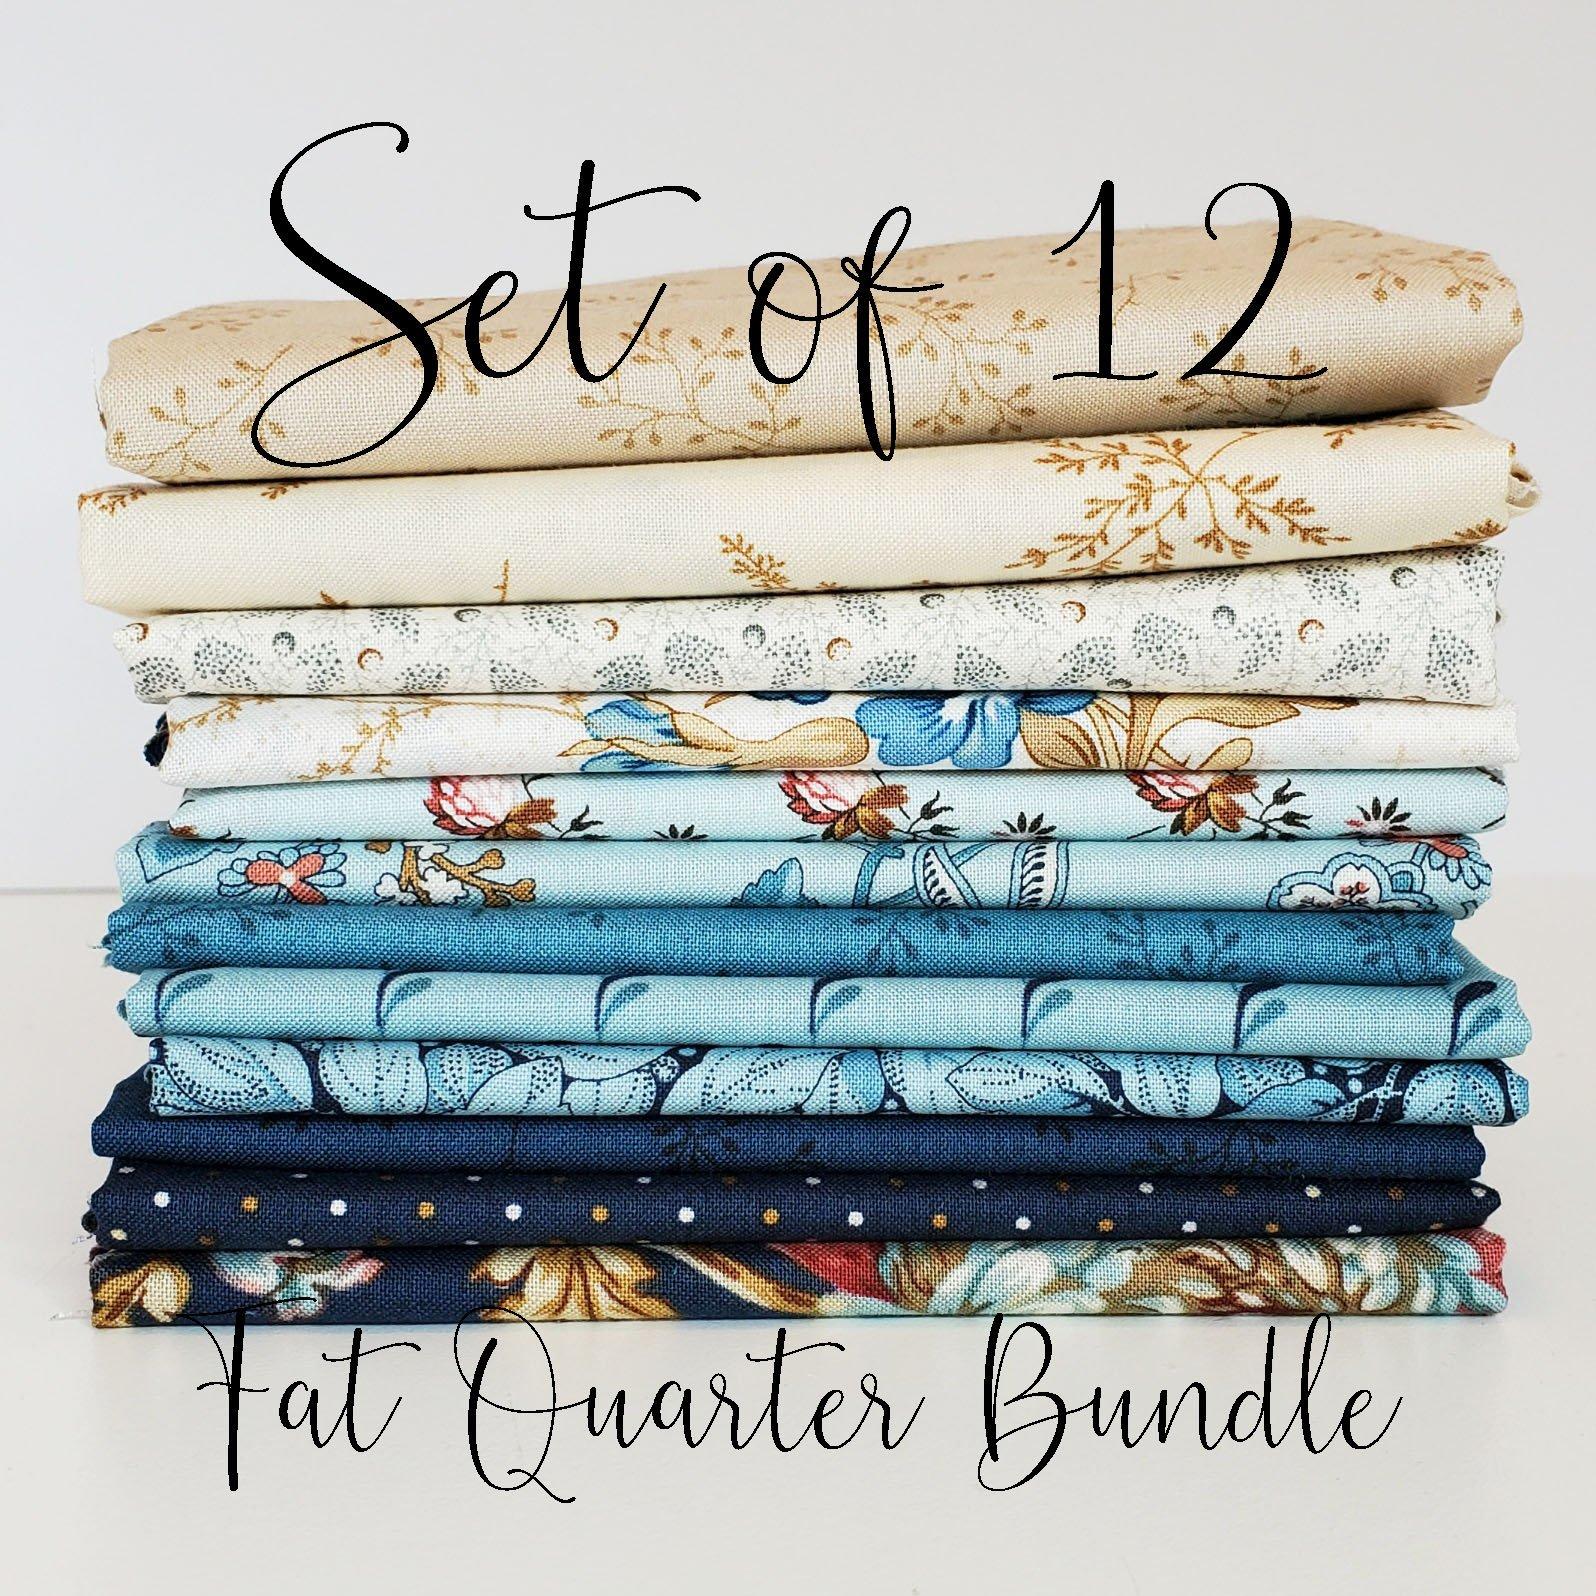 Laundry Basket Blues - 12 Fat Quarter Bundle